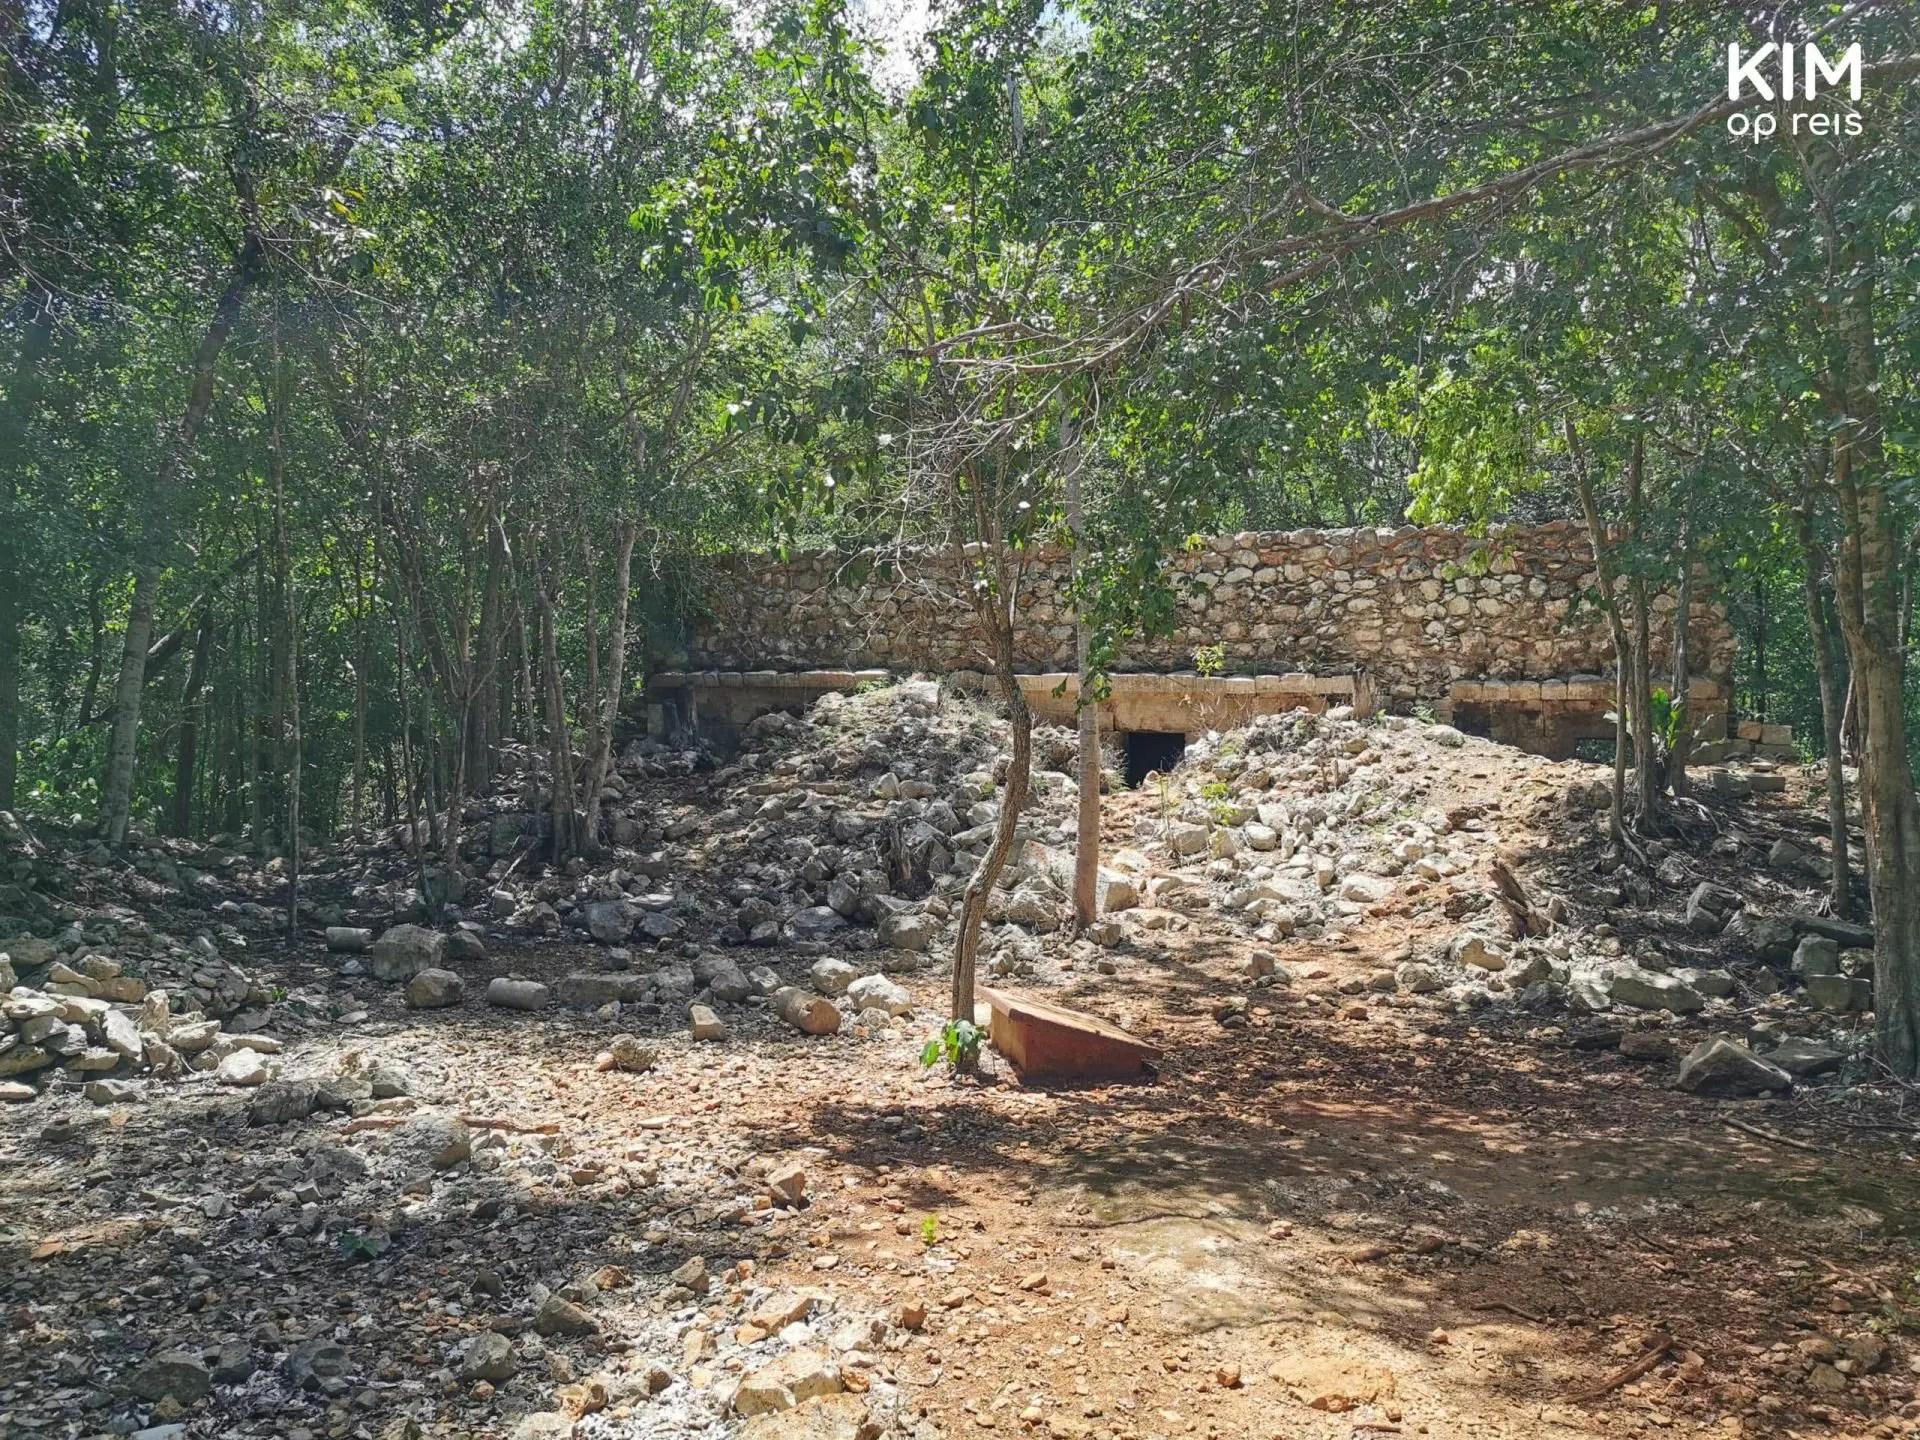 Maya ruine Sayil: sterk vervallen ruïne tussen de bomen